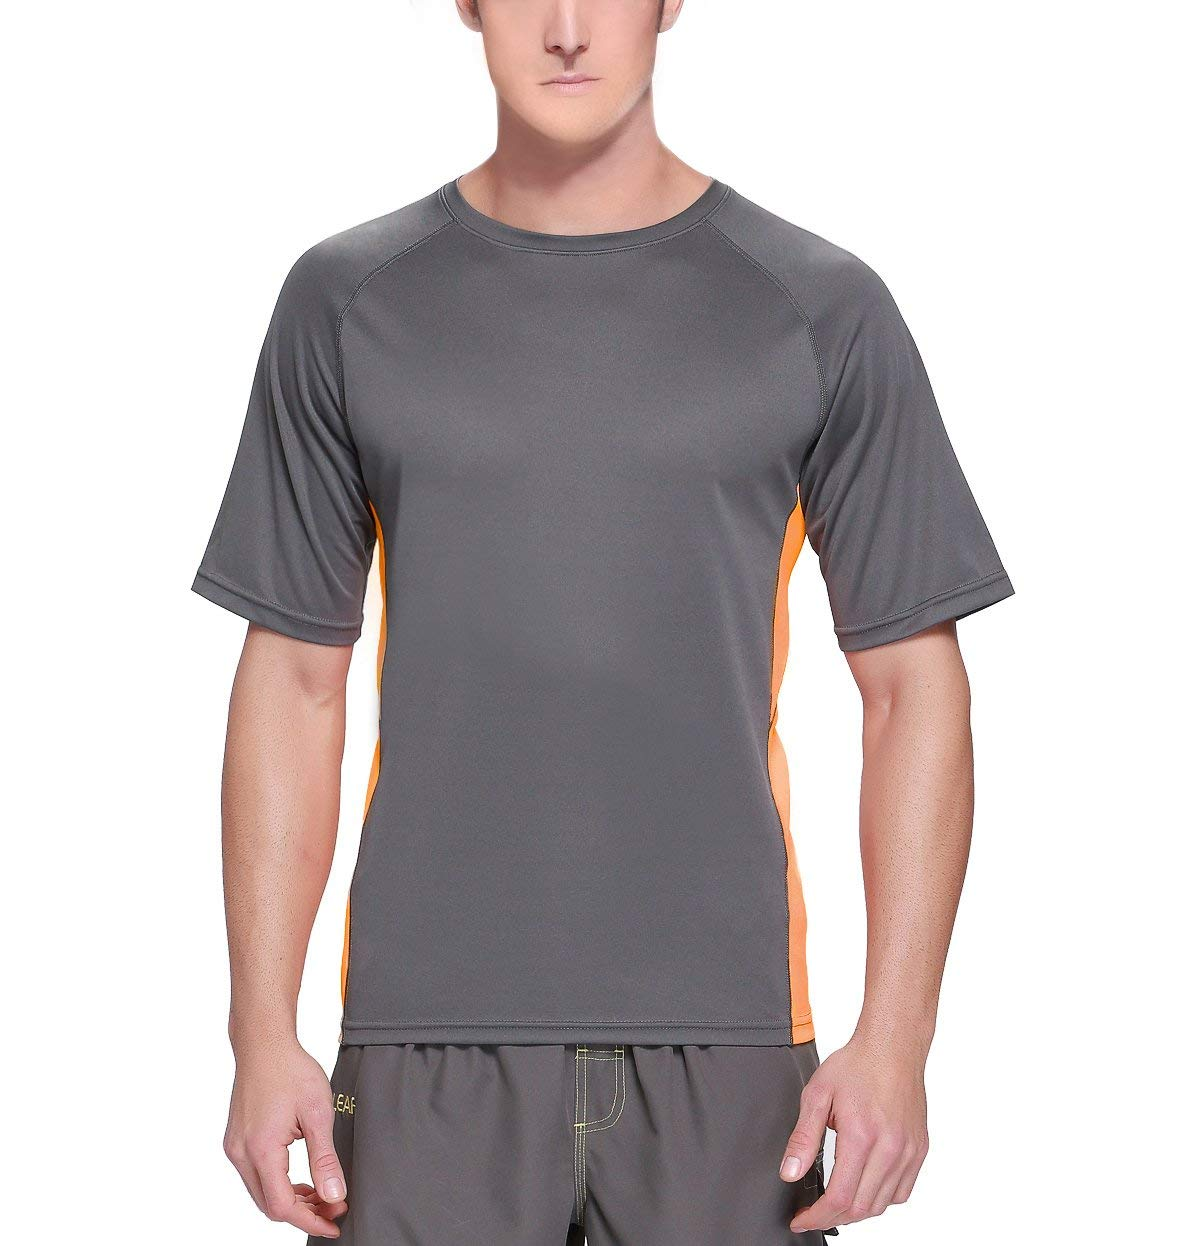 Baleaf Men's Short Sleeve Sun Protection Rashguard Swim Shirt UPF 50+ Dark Grey M by Baleaf (Image #3)